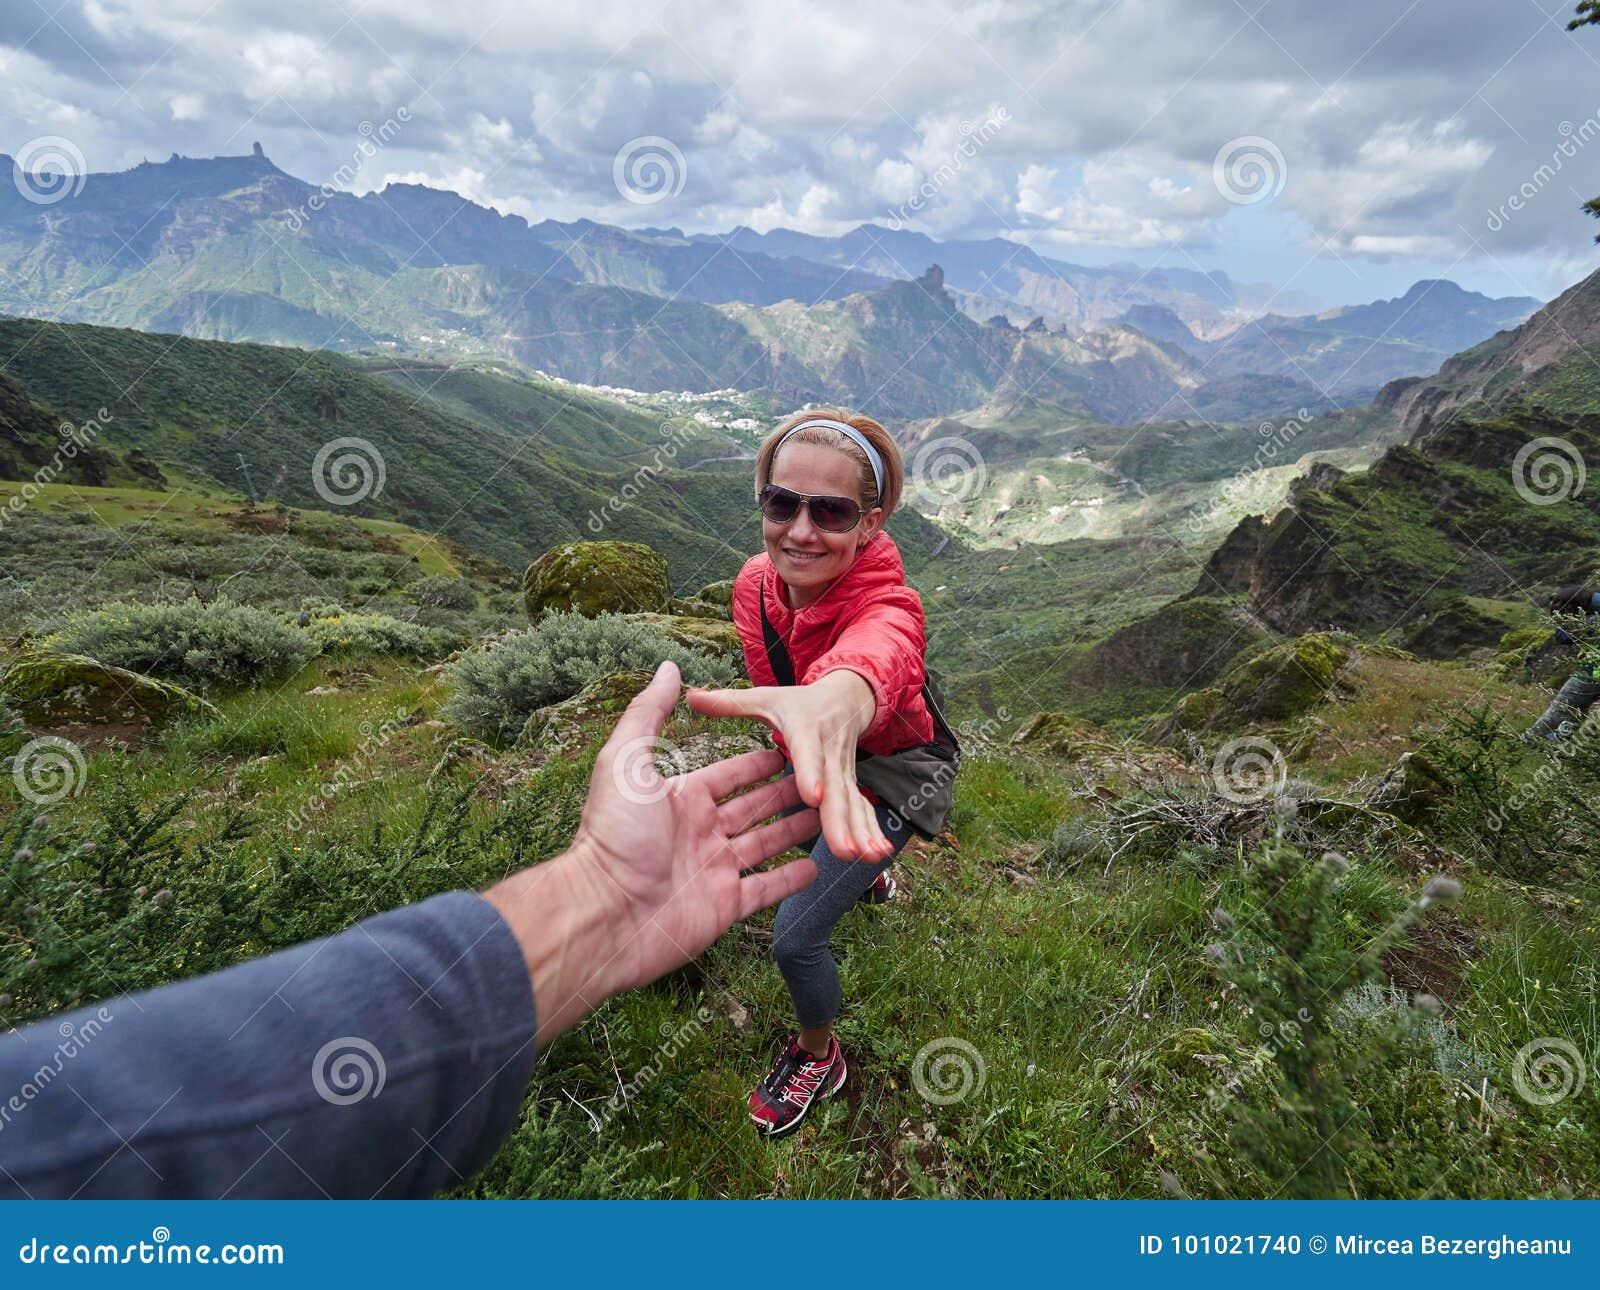 Νέος τουρίστας γυναικών στην αλπική ζώνη το καλοκαίρι, άνδρας που βοηθά την